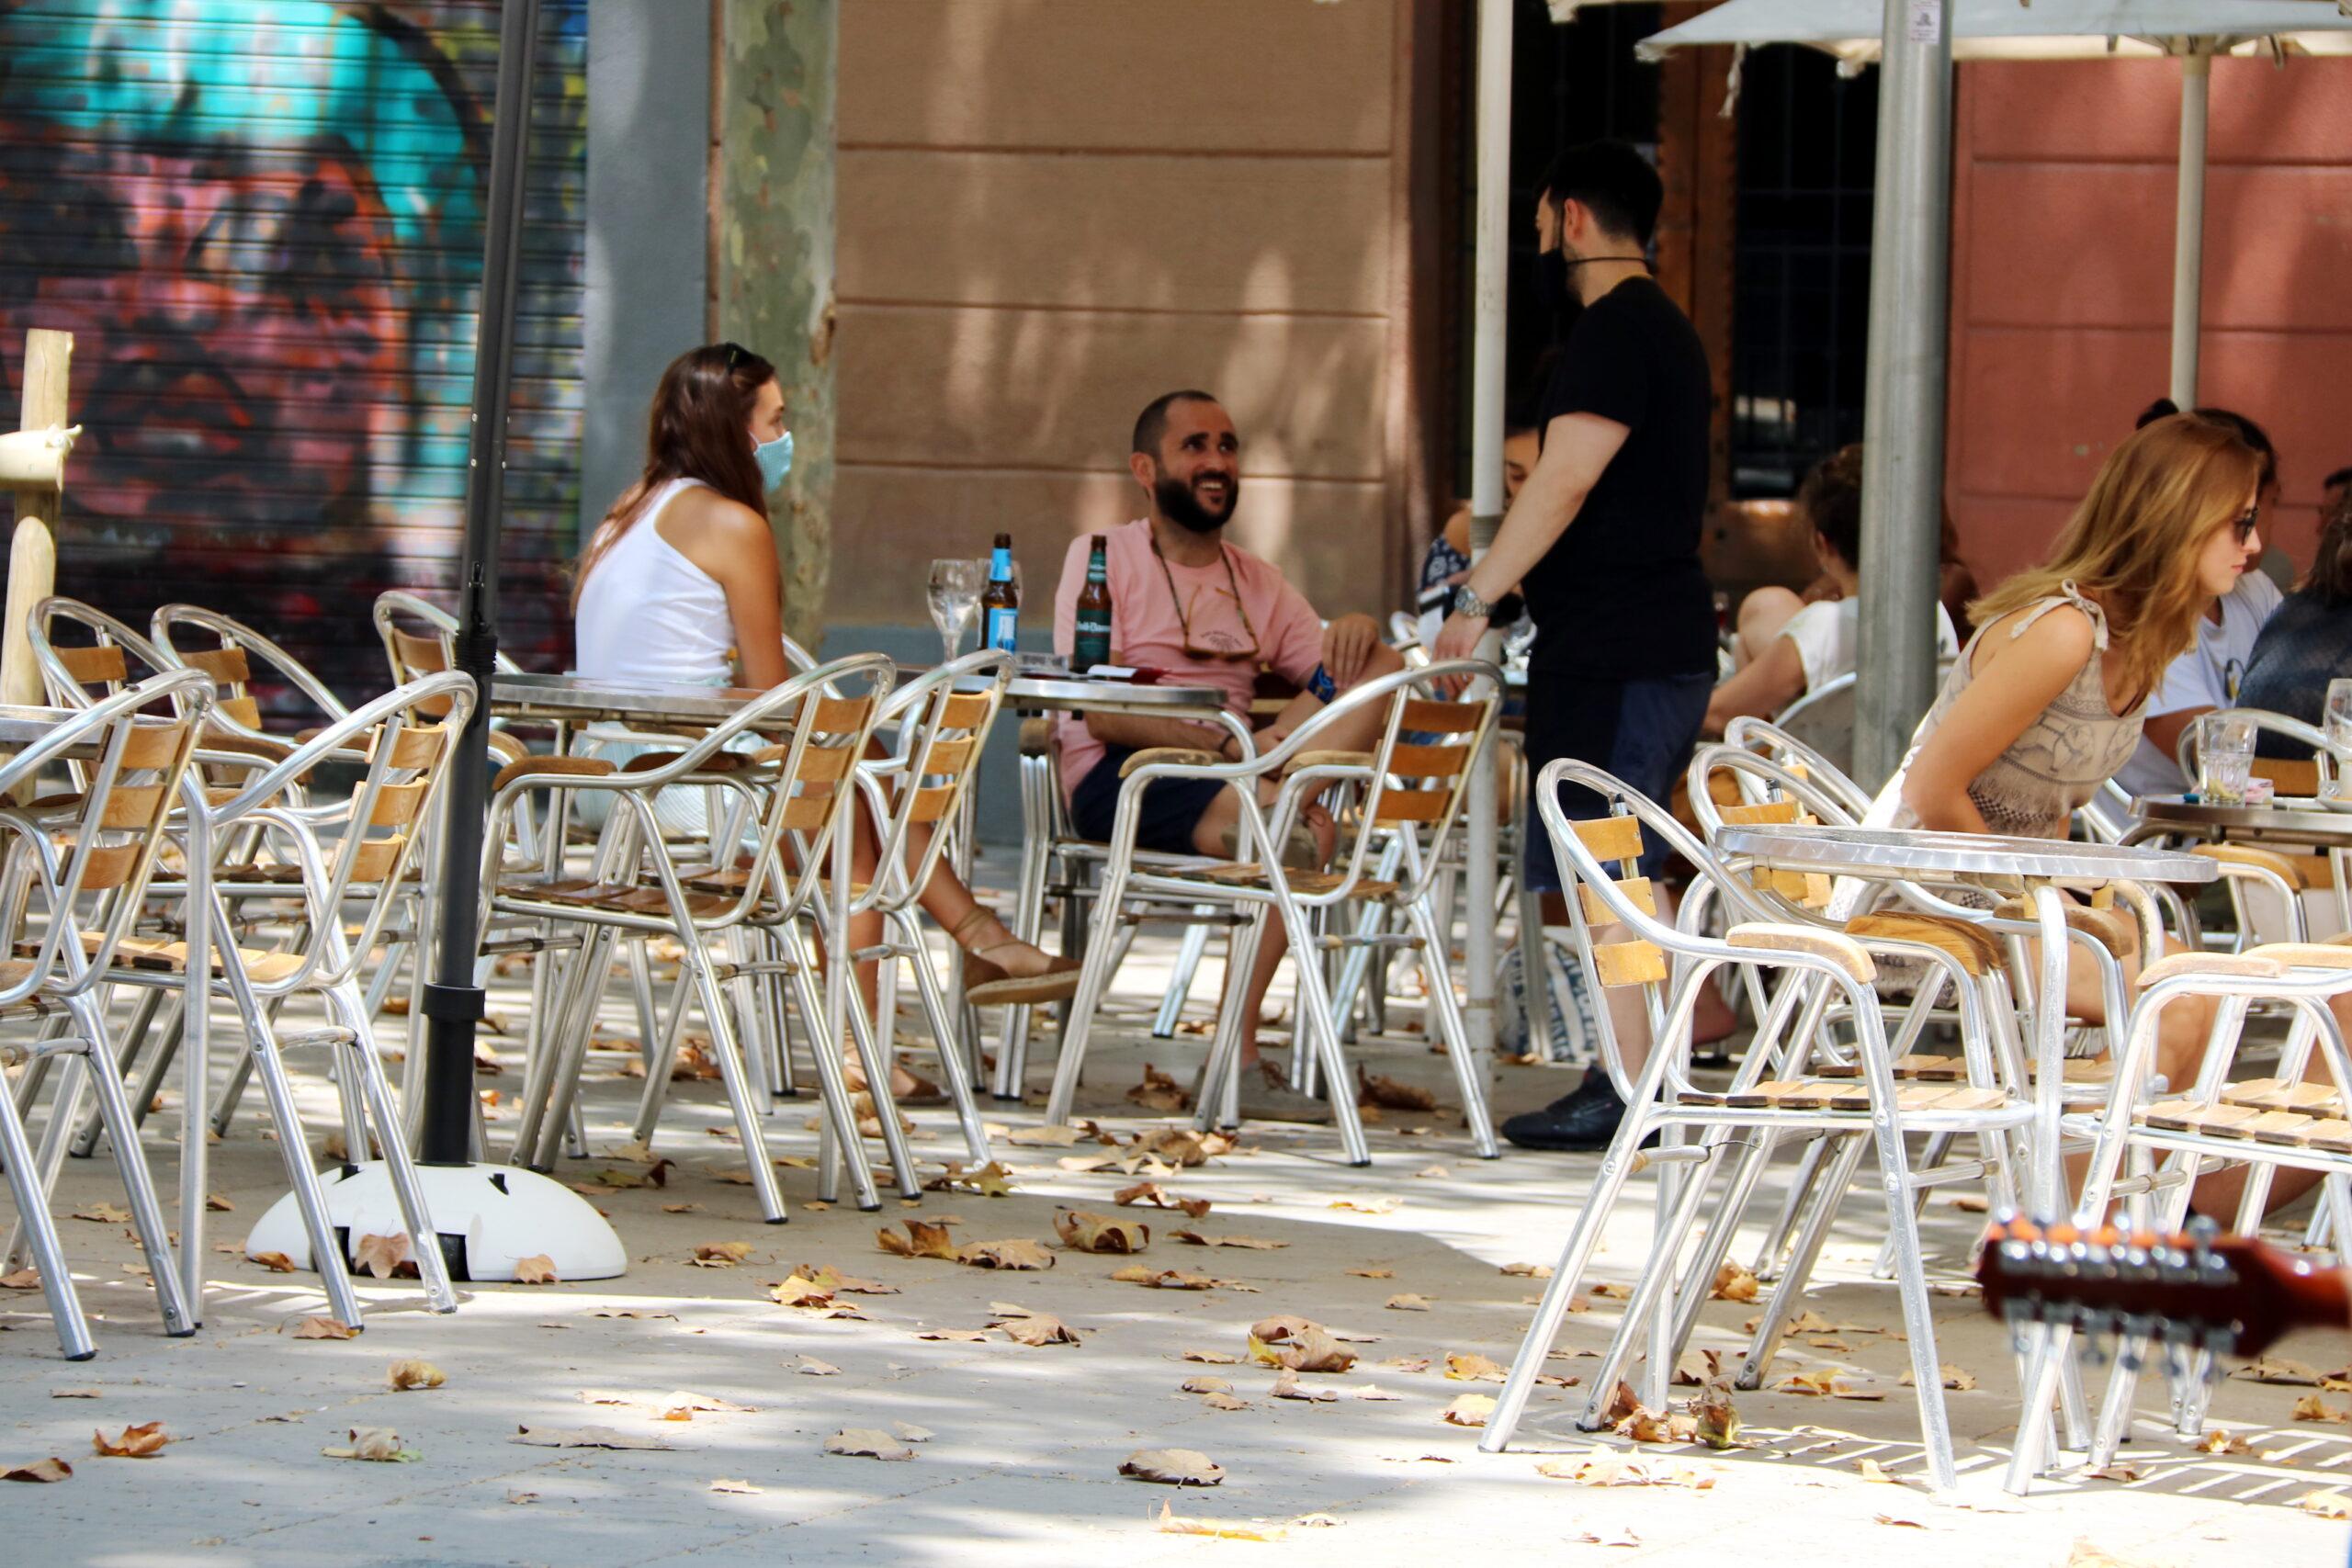 Usuaris en una terrassa de la plaça de la Virreina de Barcelona | ACN